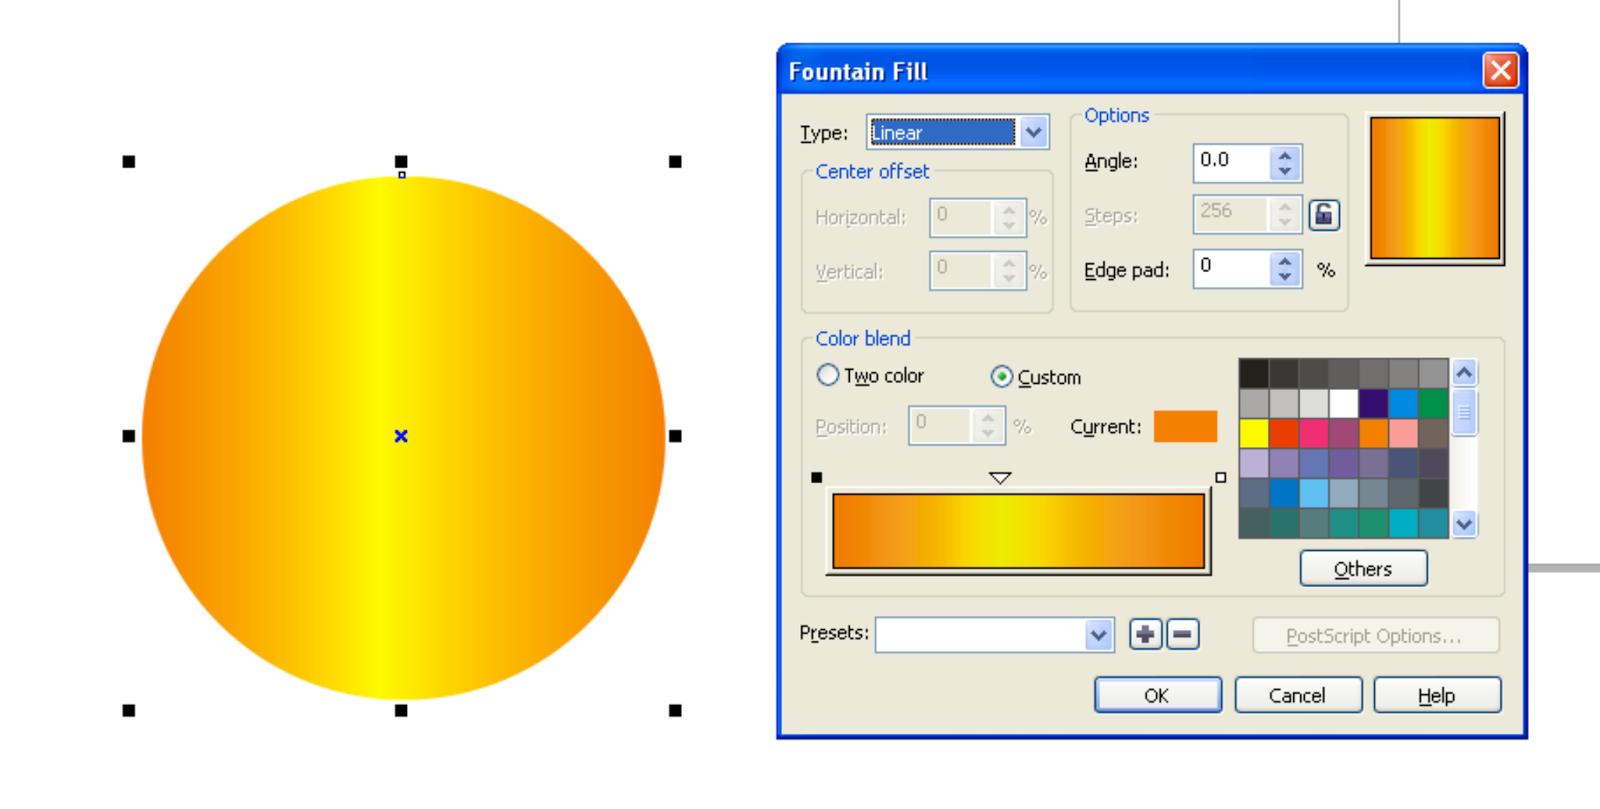 Buat Lingkaran ukuran 97 mm x 97 mm dan beri warna kombinasi kuning ...